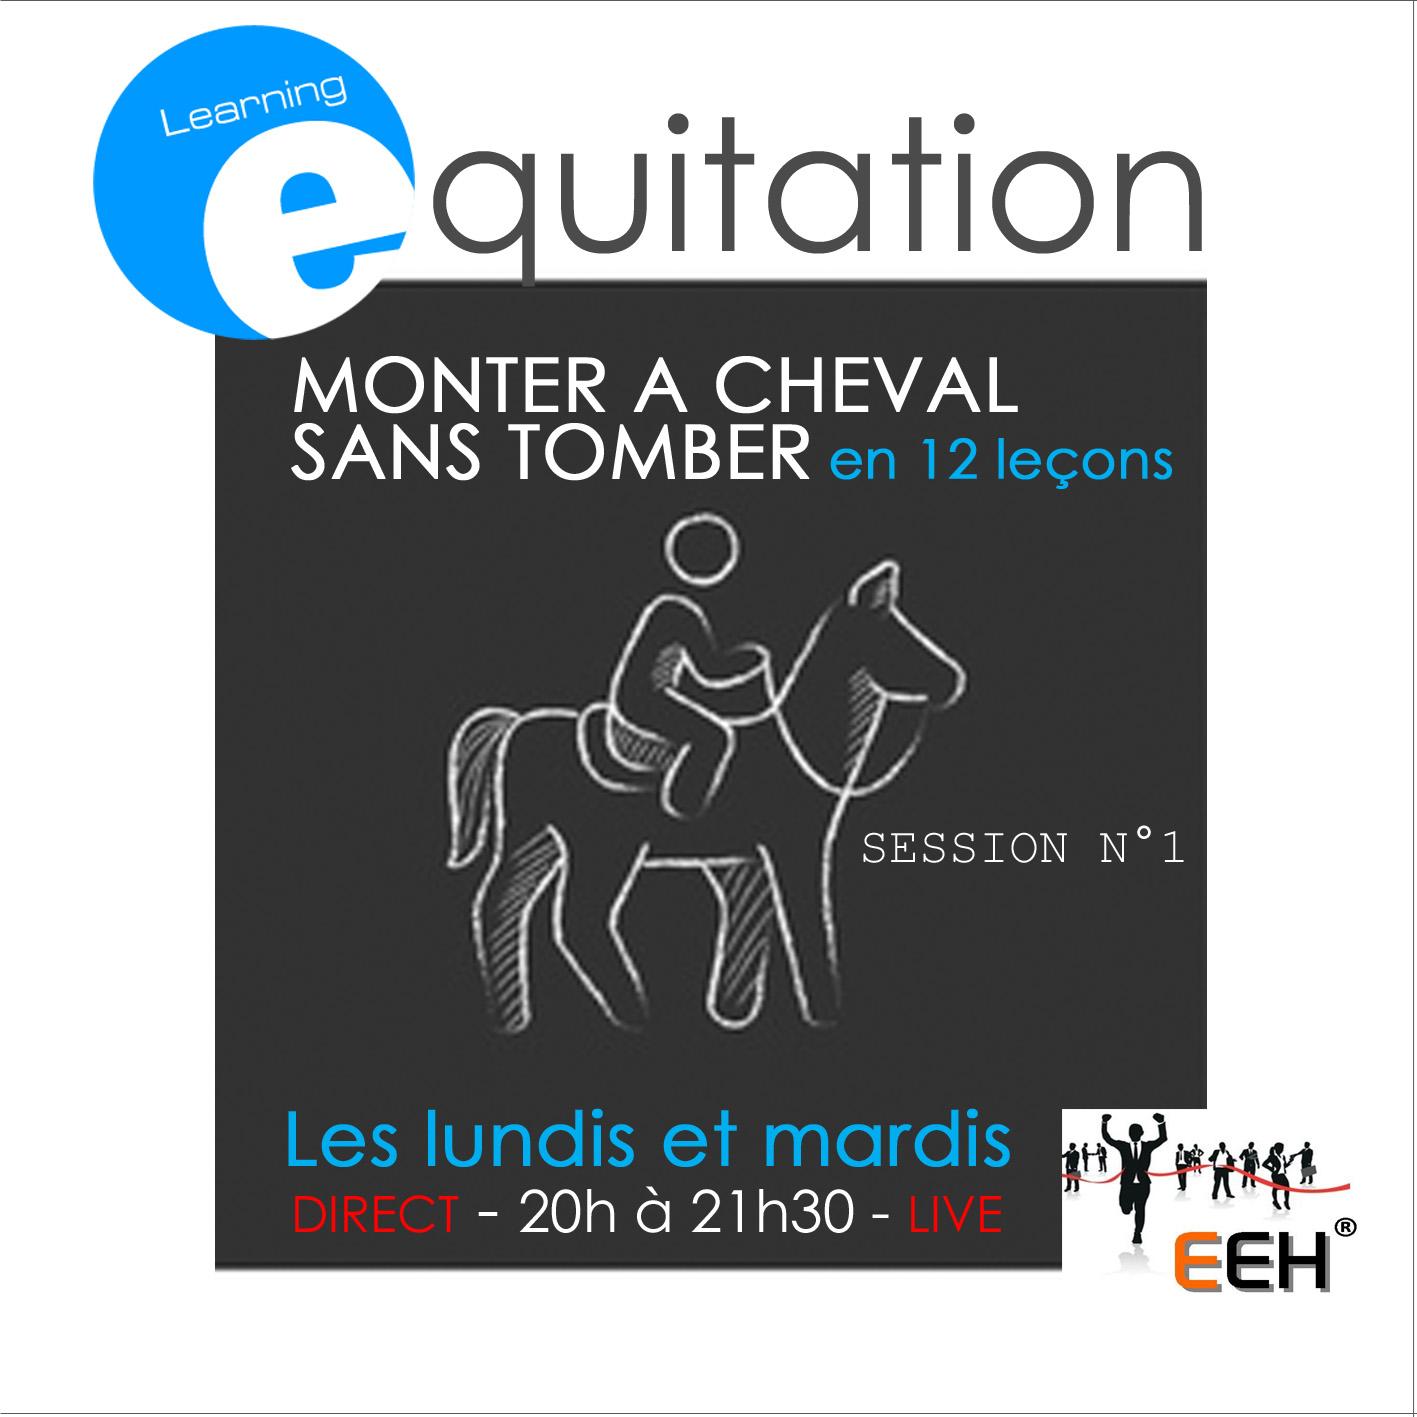 SESSION N°1 - 12 LEÇONS D'EQUITATION - MONTER A CHEVAL SANS TOMBER